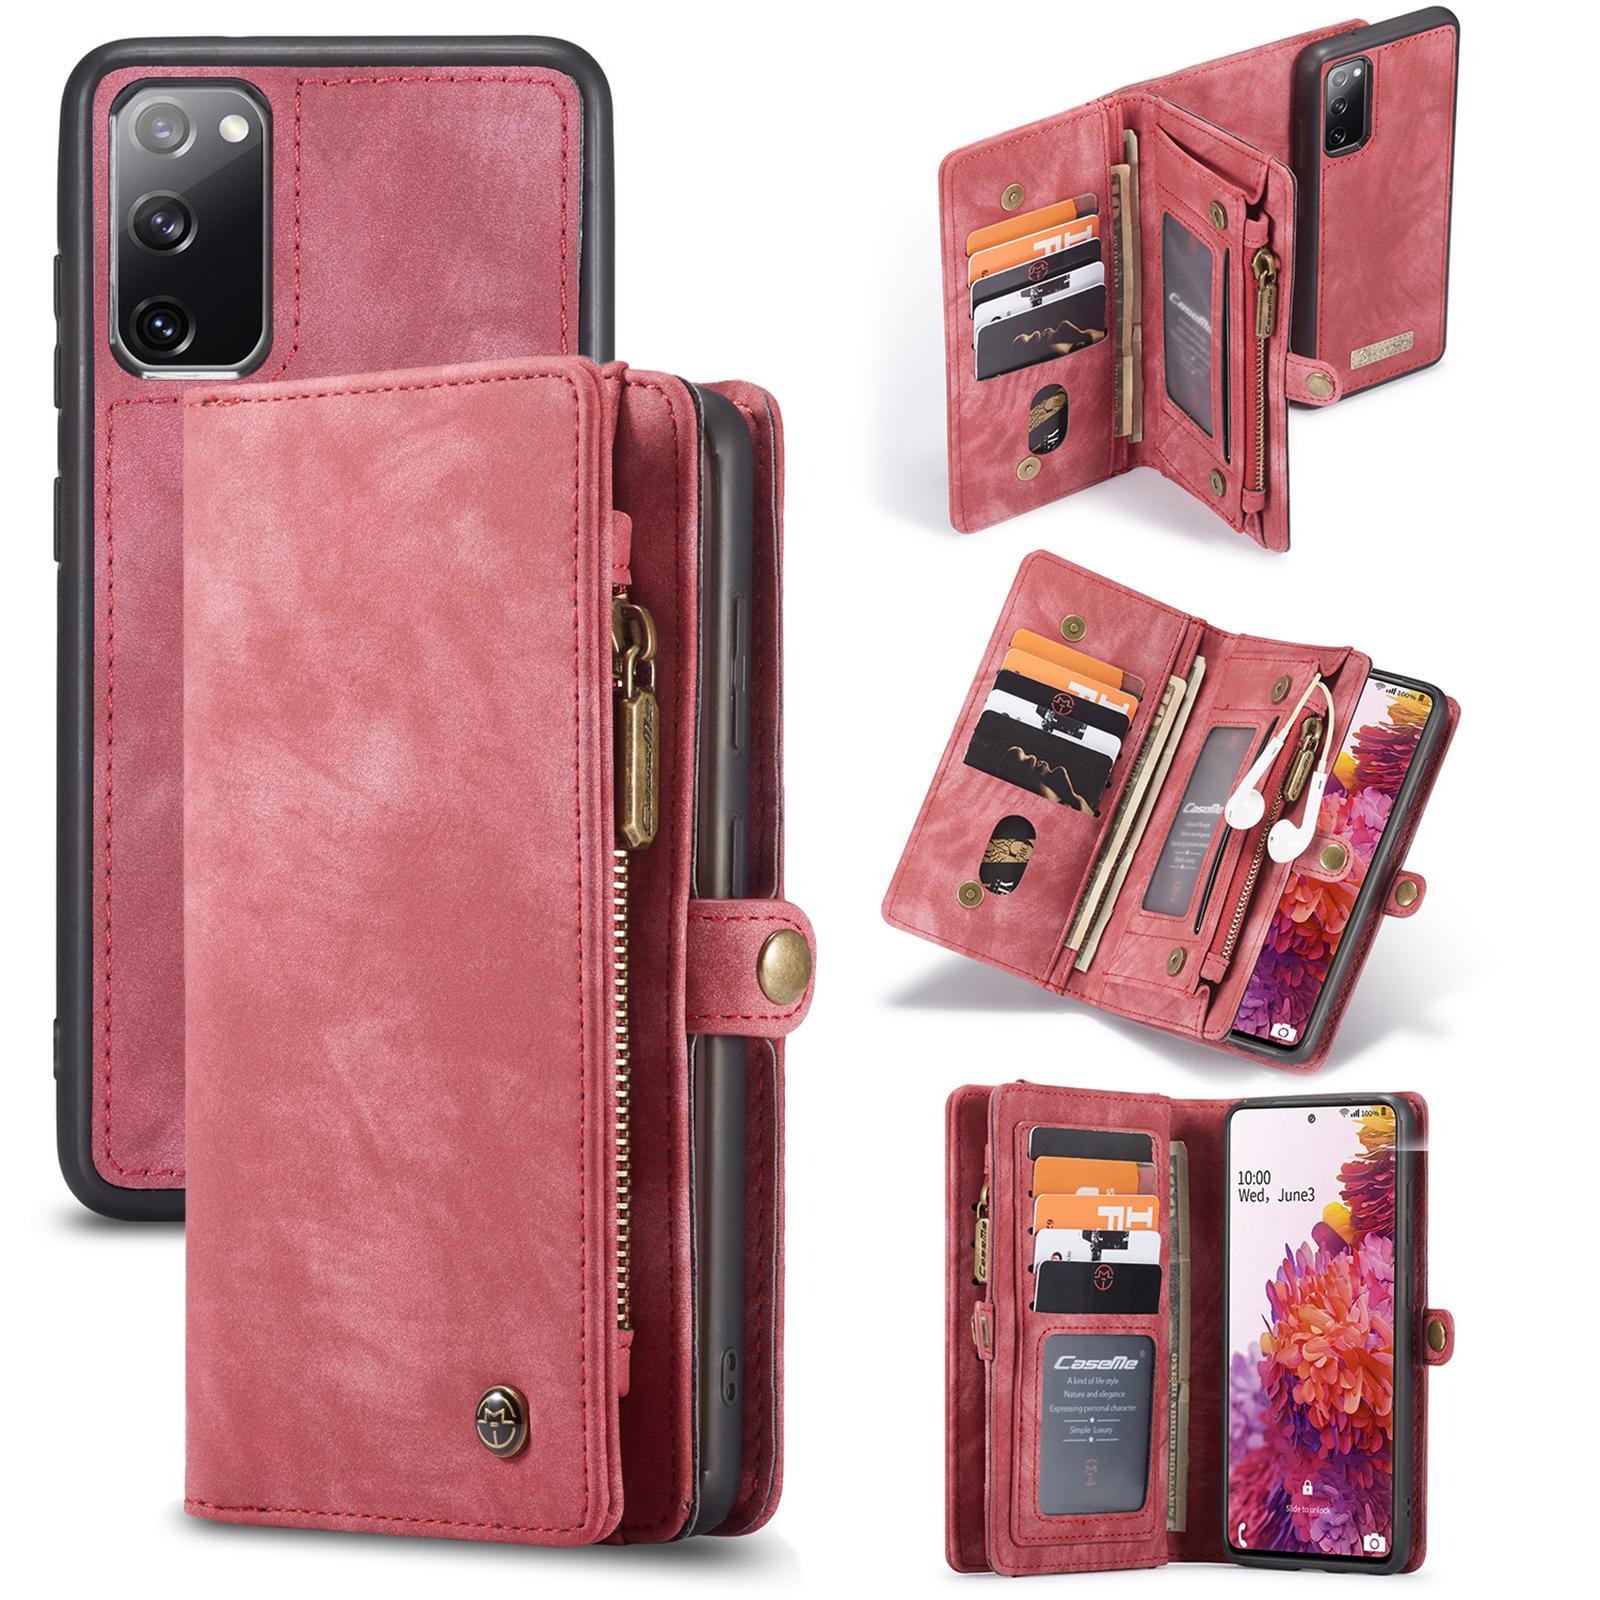 Multi-slot Lommeboksetui Galaxy S20 FE rød